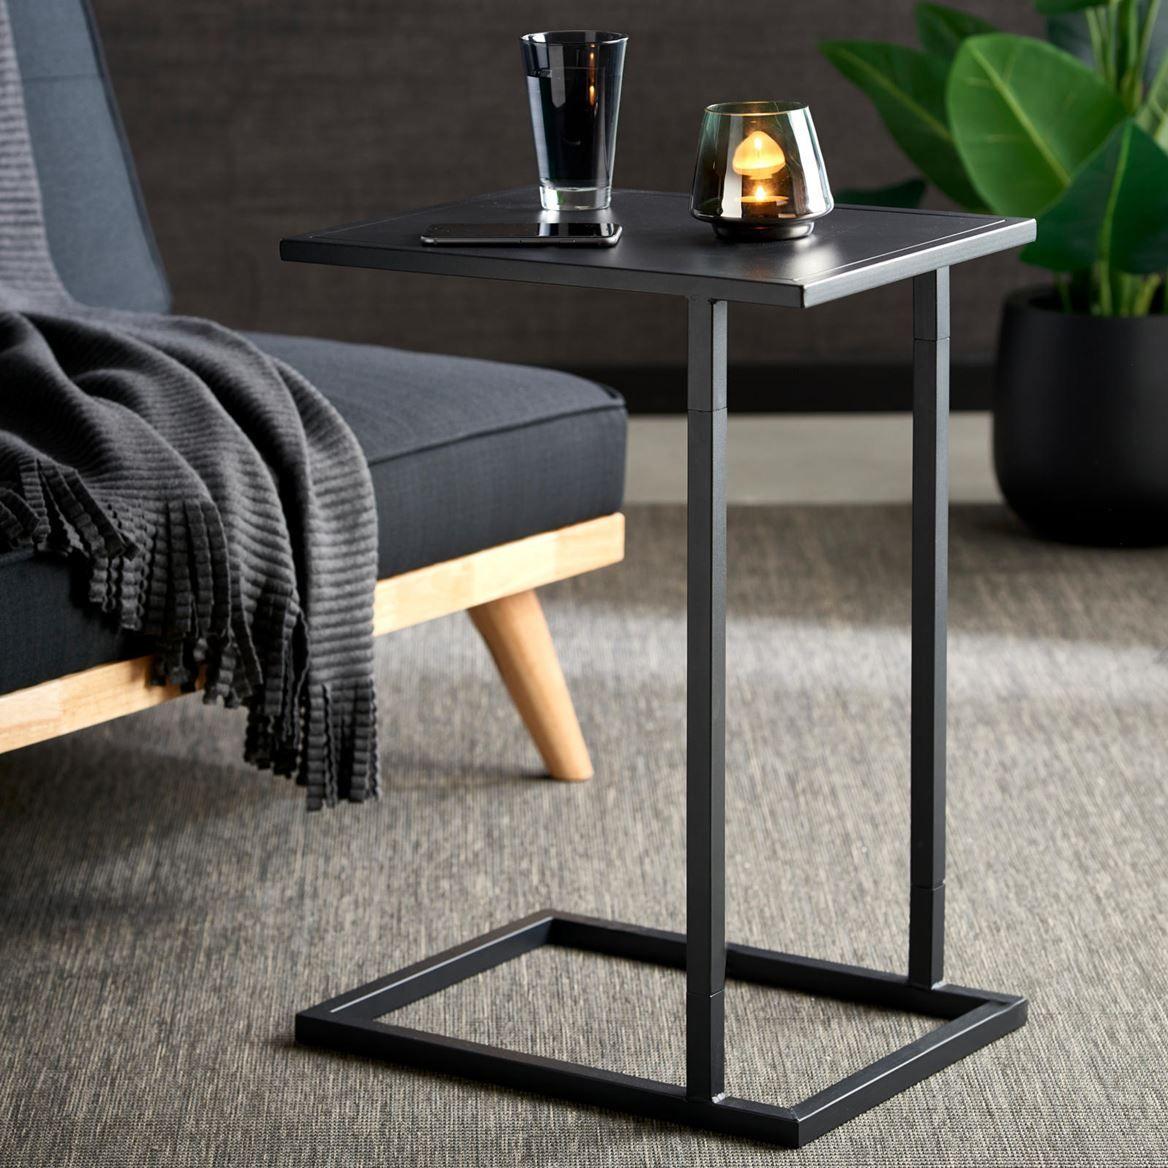 Britta Bijzettafel Zwart H 59 X B 33 X L 43 Cm Table De Canape Table D Appoint Mobilier De Salon